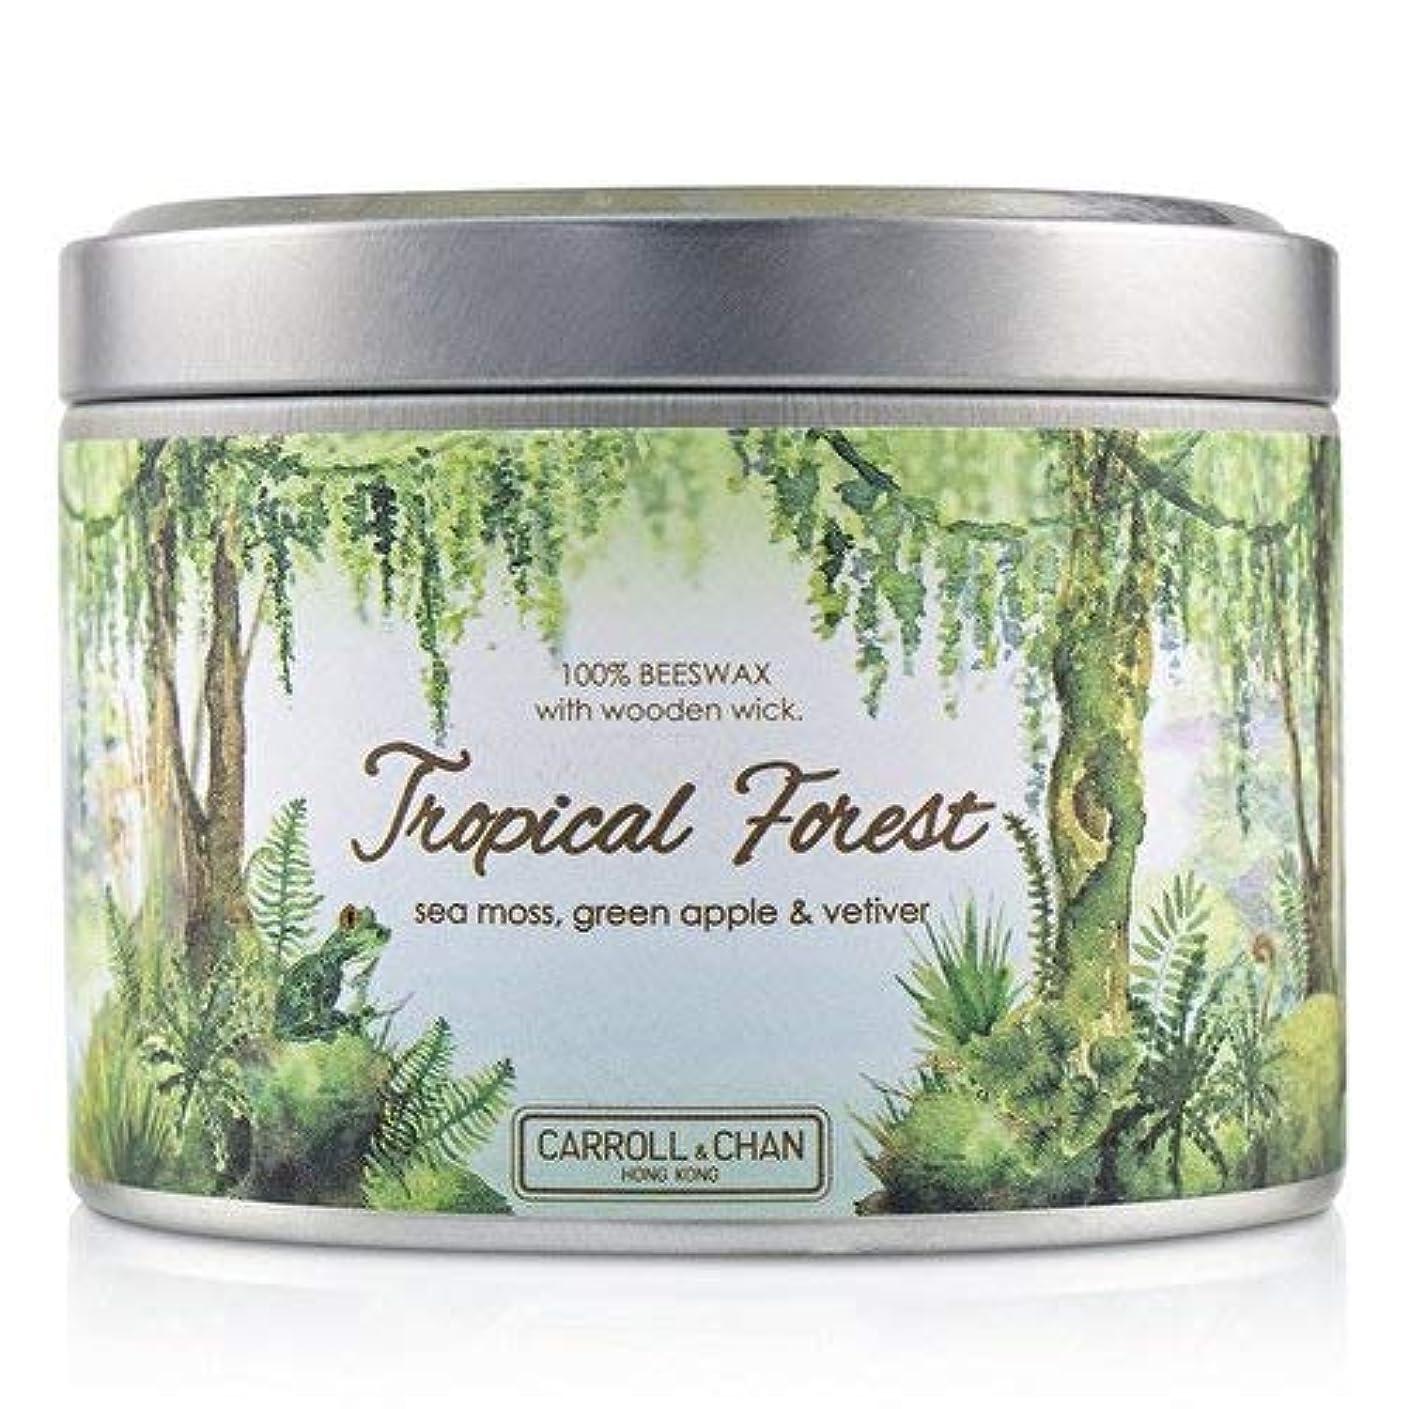 護衛新しい意味アクロバットキャンドル?カンパニー Tin Can 100% Beeswax Candle with Wooden Wick - Tropical Forest (8x5) cm並行輸入品